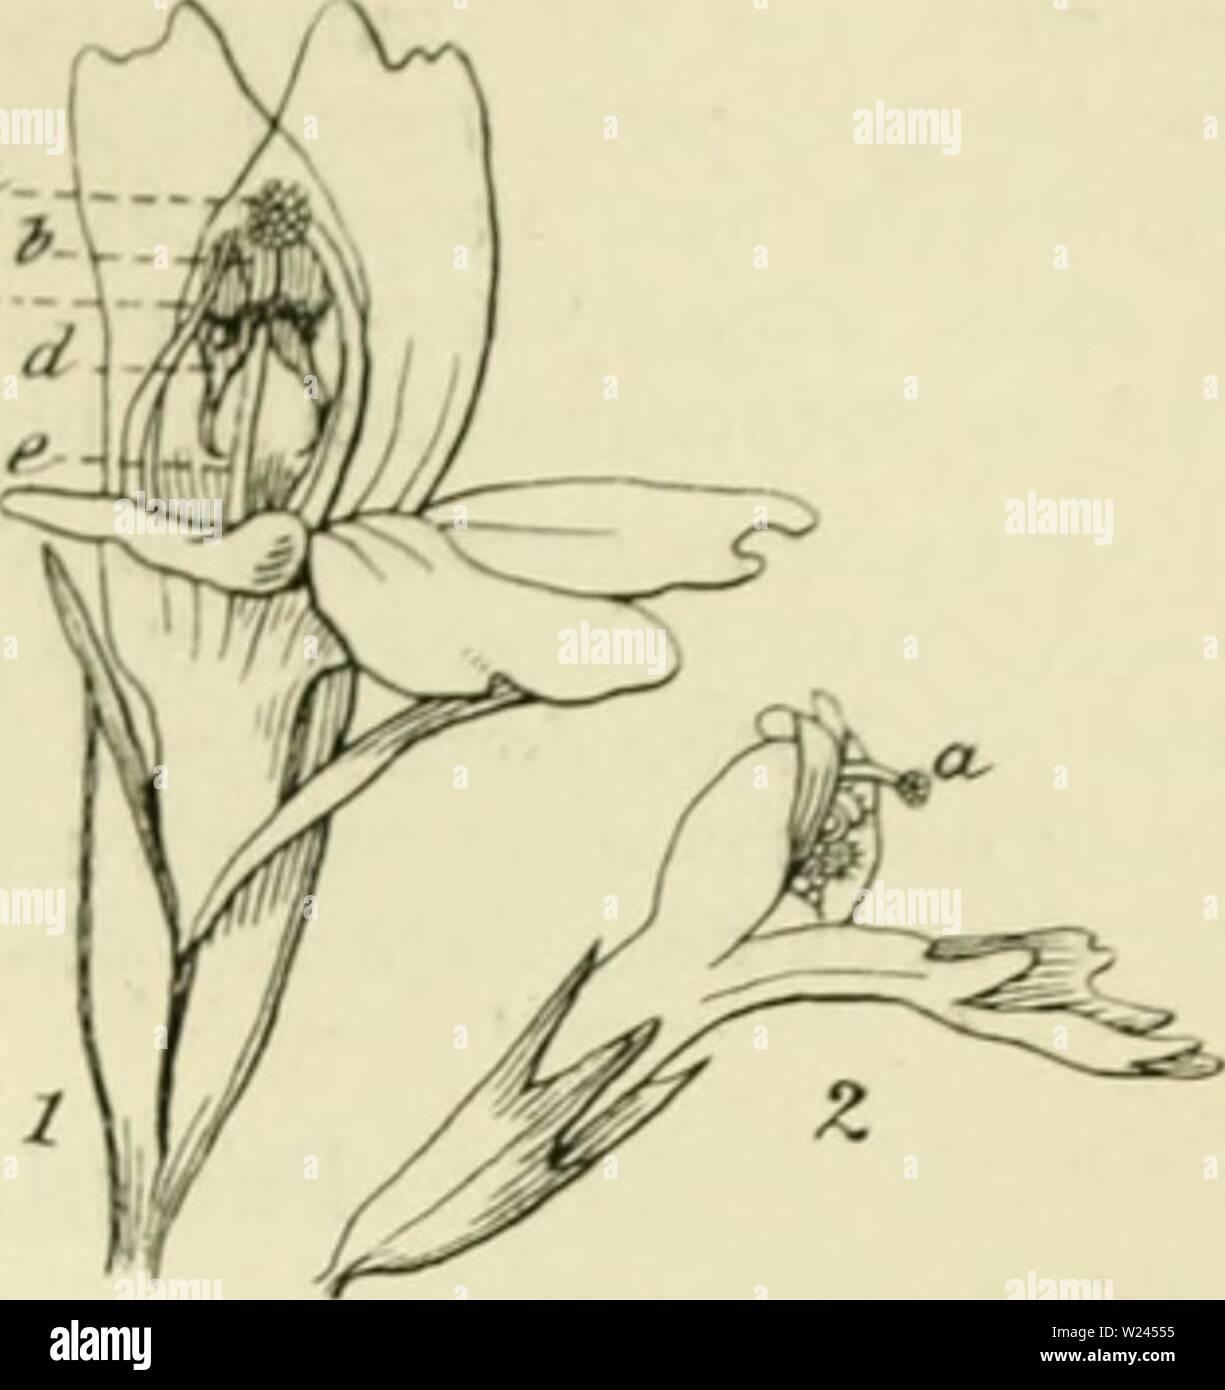 Archive image from page 206 of De flora van Nederland (1909-11). De flora van Nederland  defloravannederl03heuk Year: 1909-11.  FAMlLin 94. SCROPHULARIACEAE. — 187    Euphrasia nemorosa Fig. 227. / bloem van voren gezien, 2 bloem van E. Rostkoviana in het begin van den bloei. a stempel, b bovenste lielft van het bovenste helmknopje, c onderste helft van het bovenste vereenigd met de bovenste helft van het onderste helm- knopje, d onderste helft van het onder- ste helmknopje, e stijl. meestal violette strepen , die naar den geel gevlekten voet der lip sameiiloopen De kleine bloemen dezer soort - Stock Image